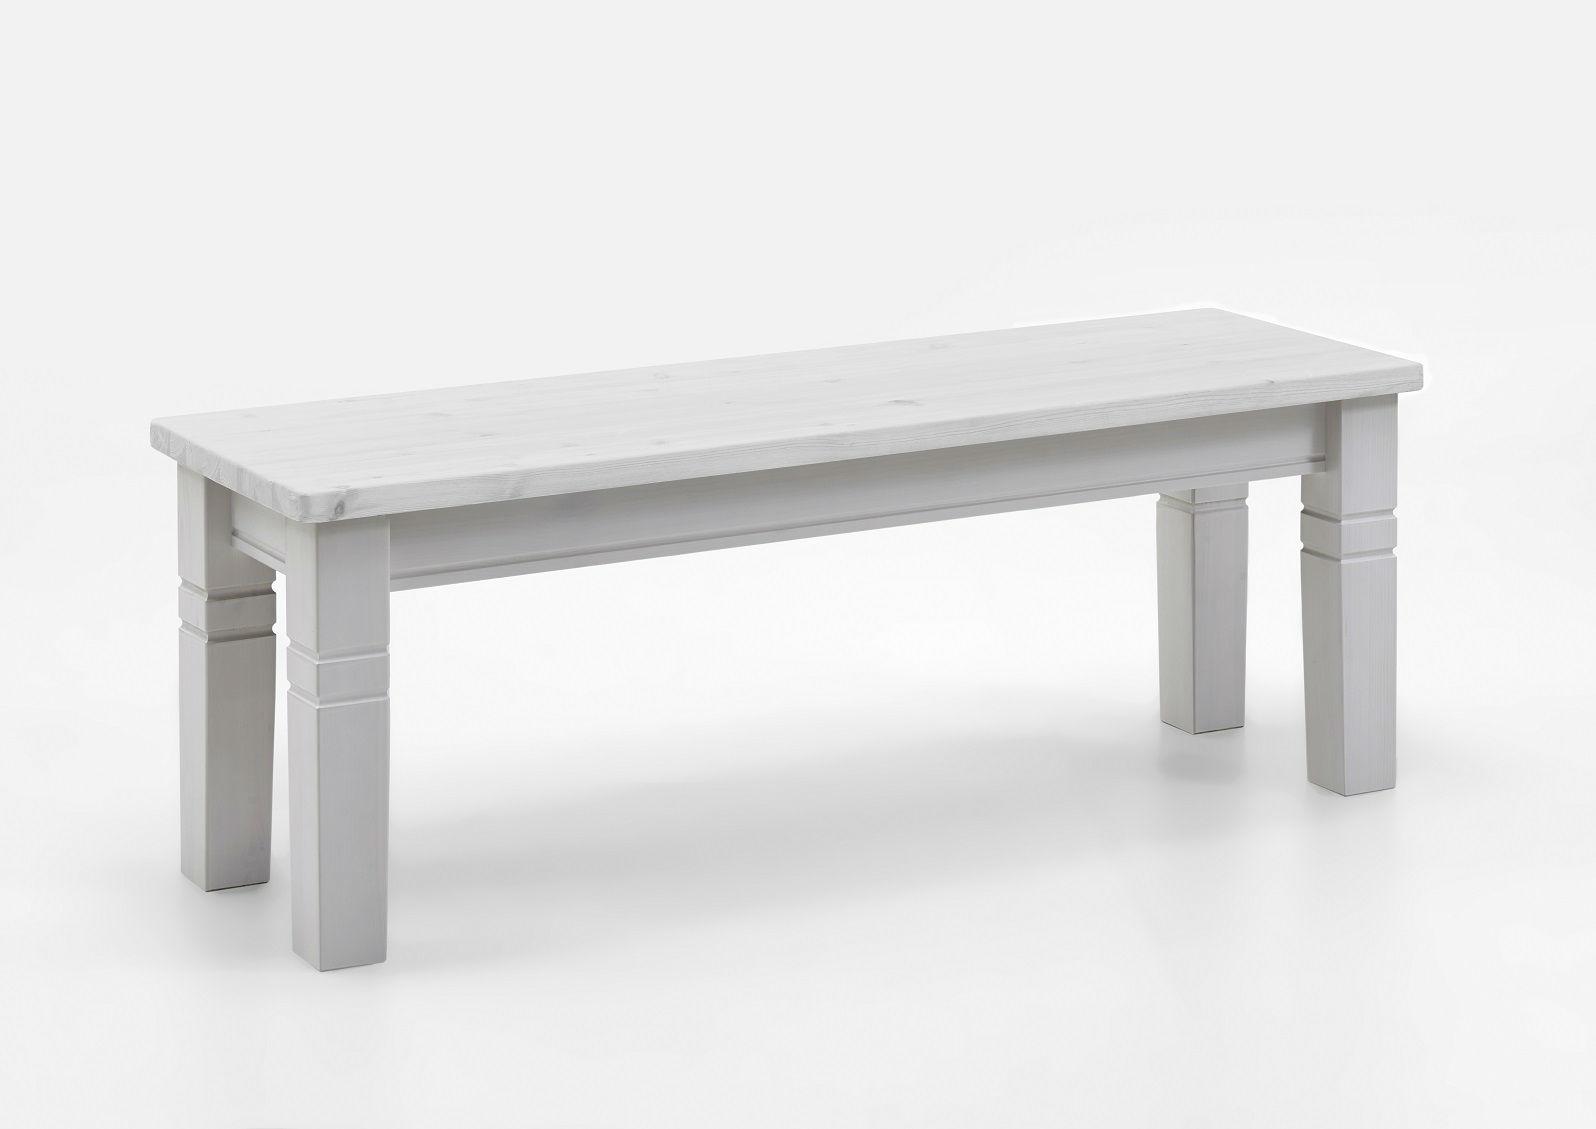 Blickfang Sitzbank Ohne Lehne Galerie Von Weiss, Weiss